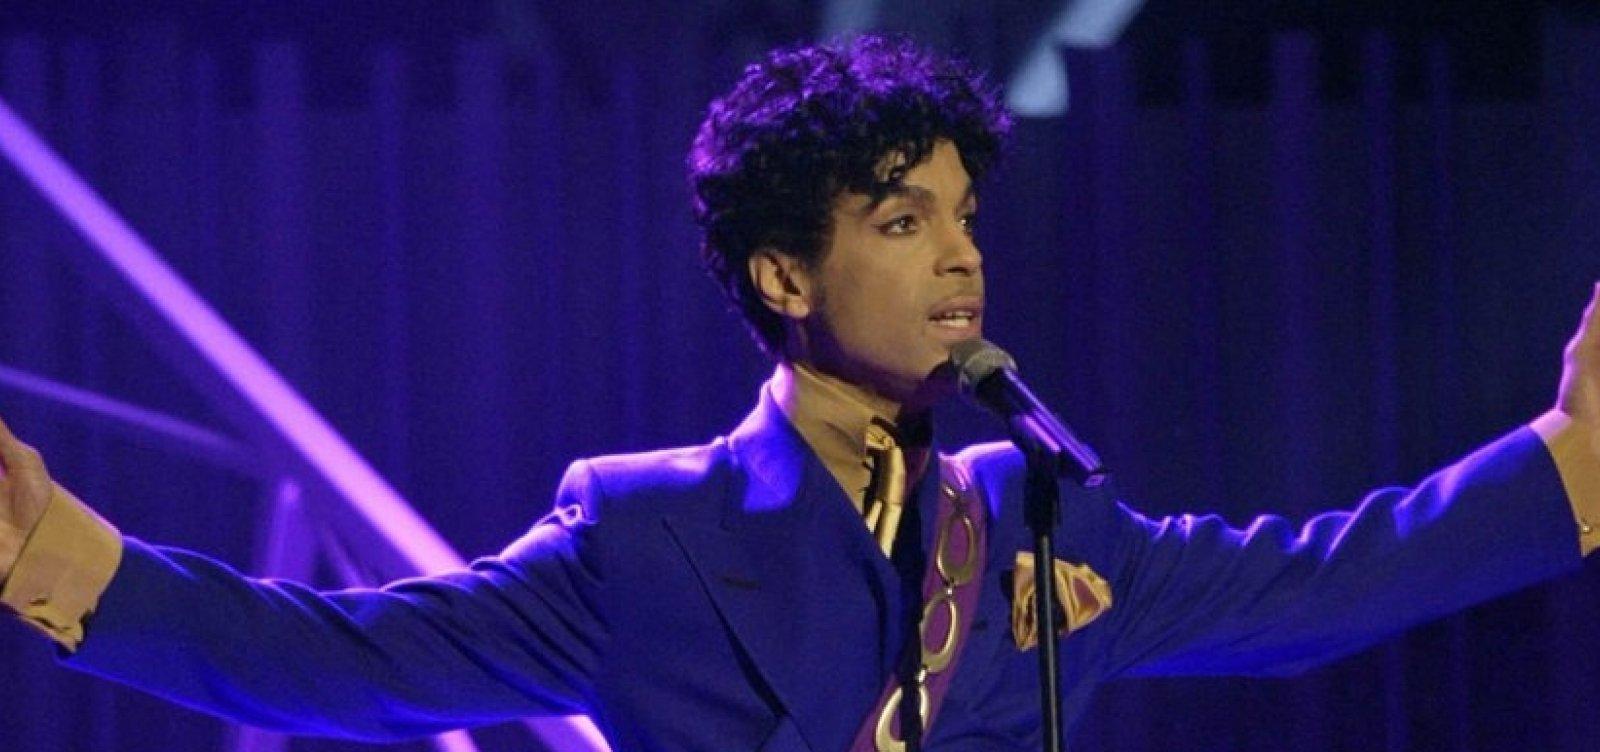 [Biografia de Prince com capítulos escritos pelo próprio será lançada em outubro]